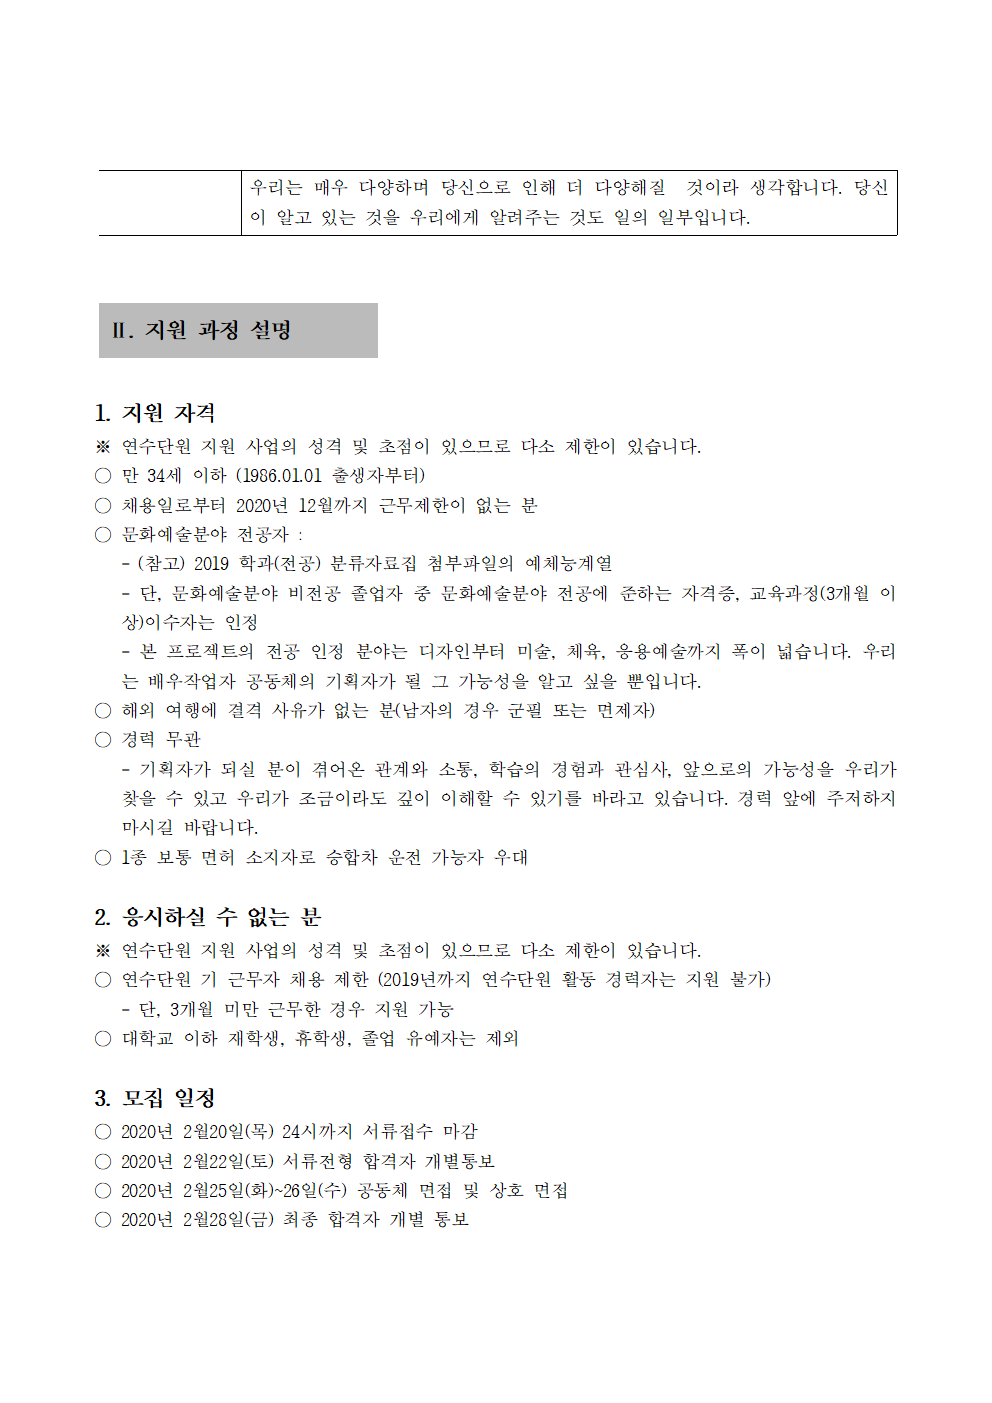 채용공고_예술단체연수단원_기획자모집_2020003.png